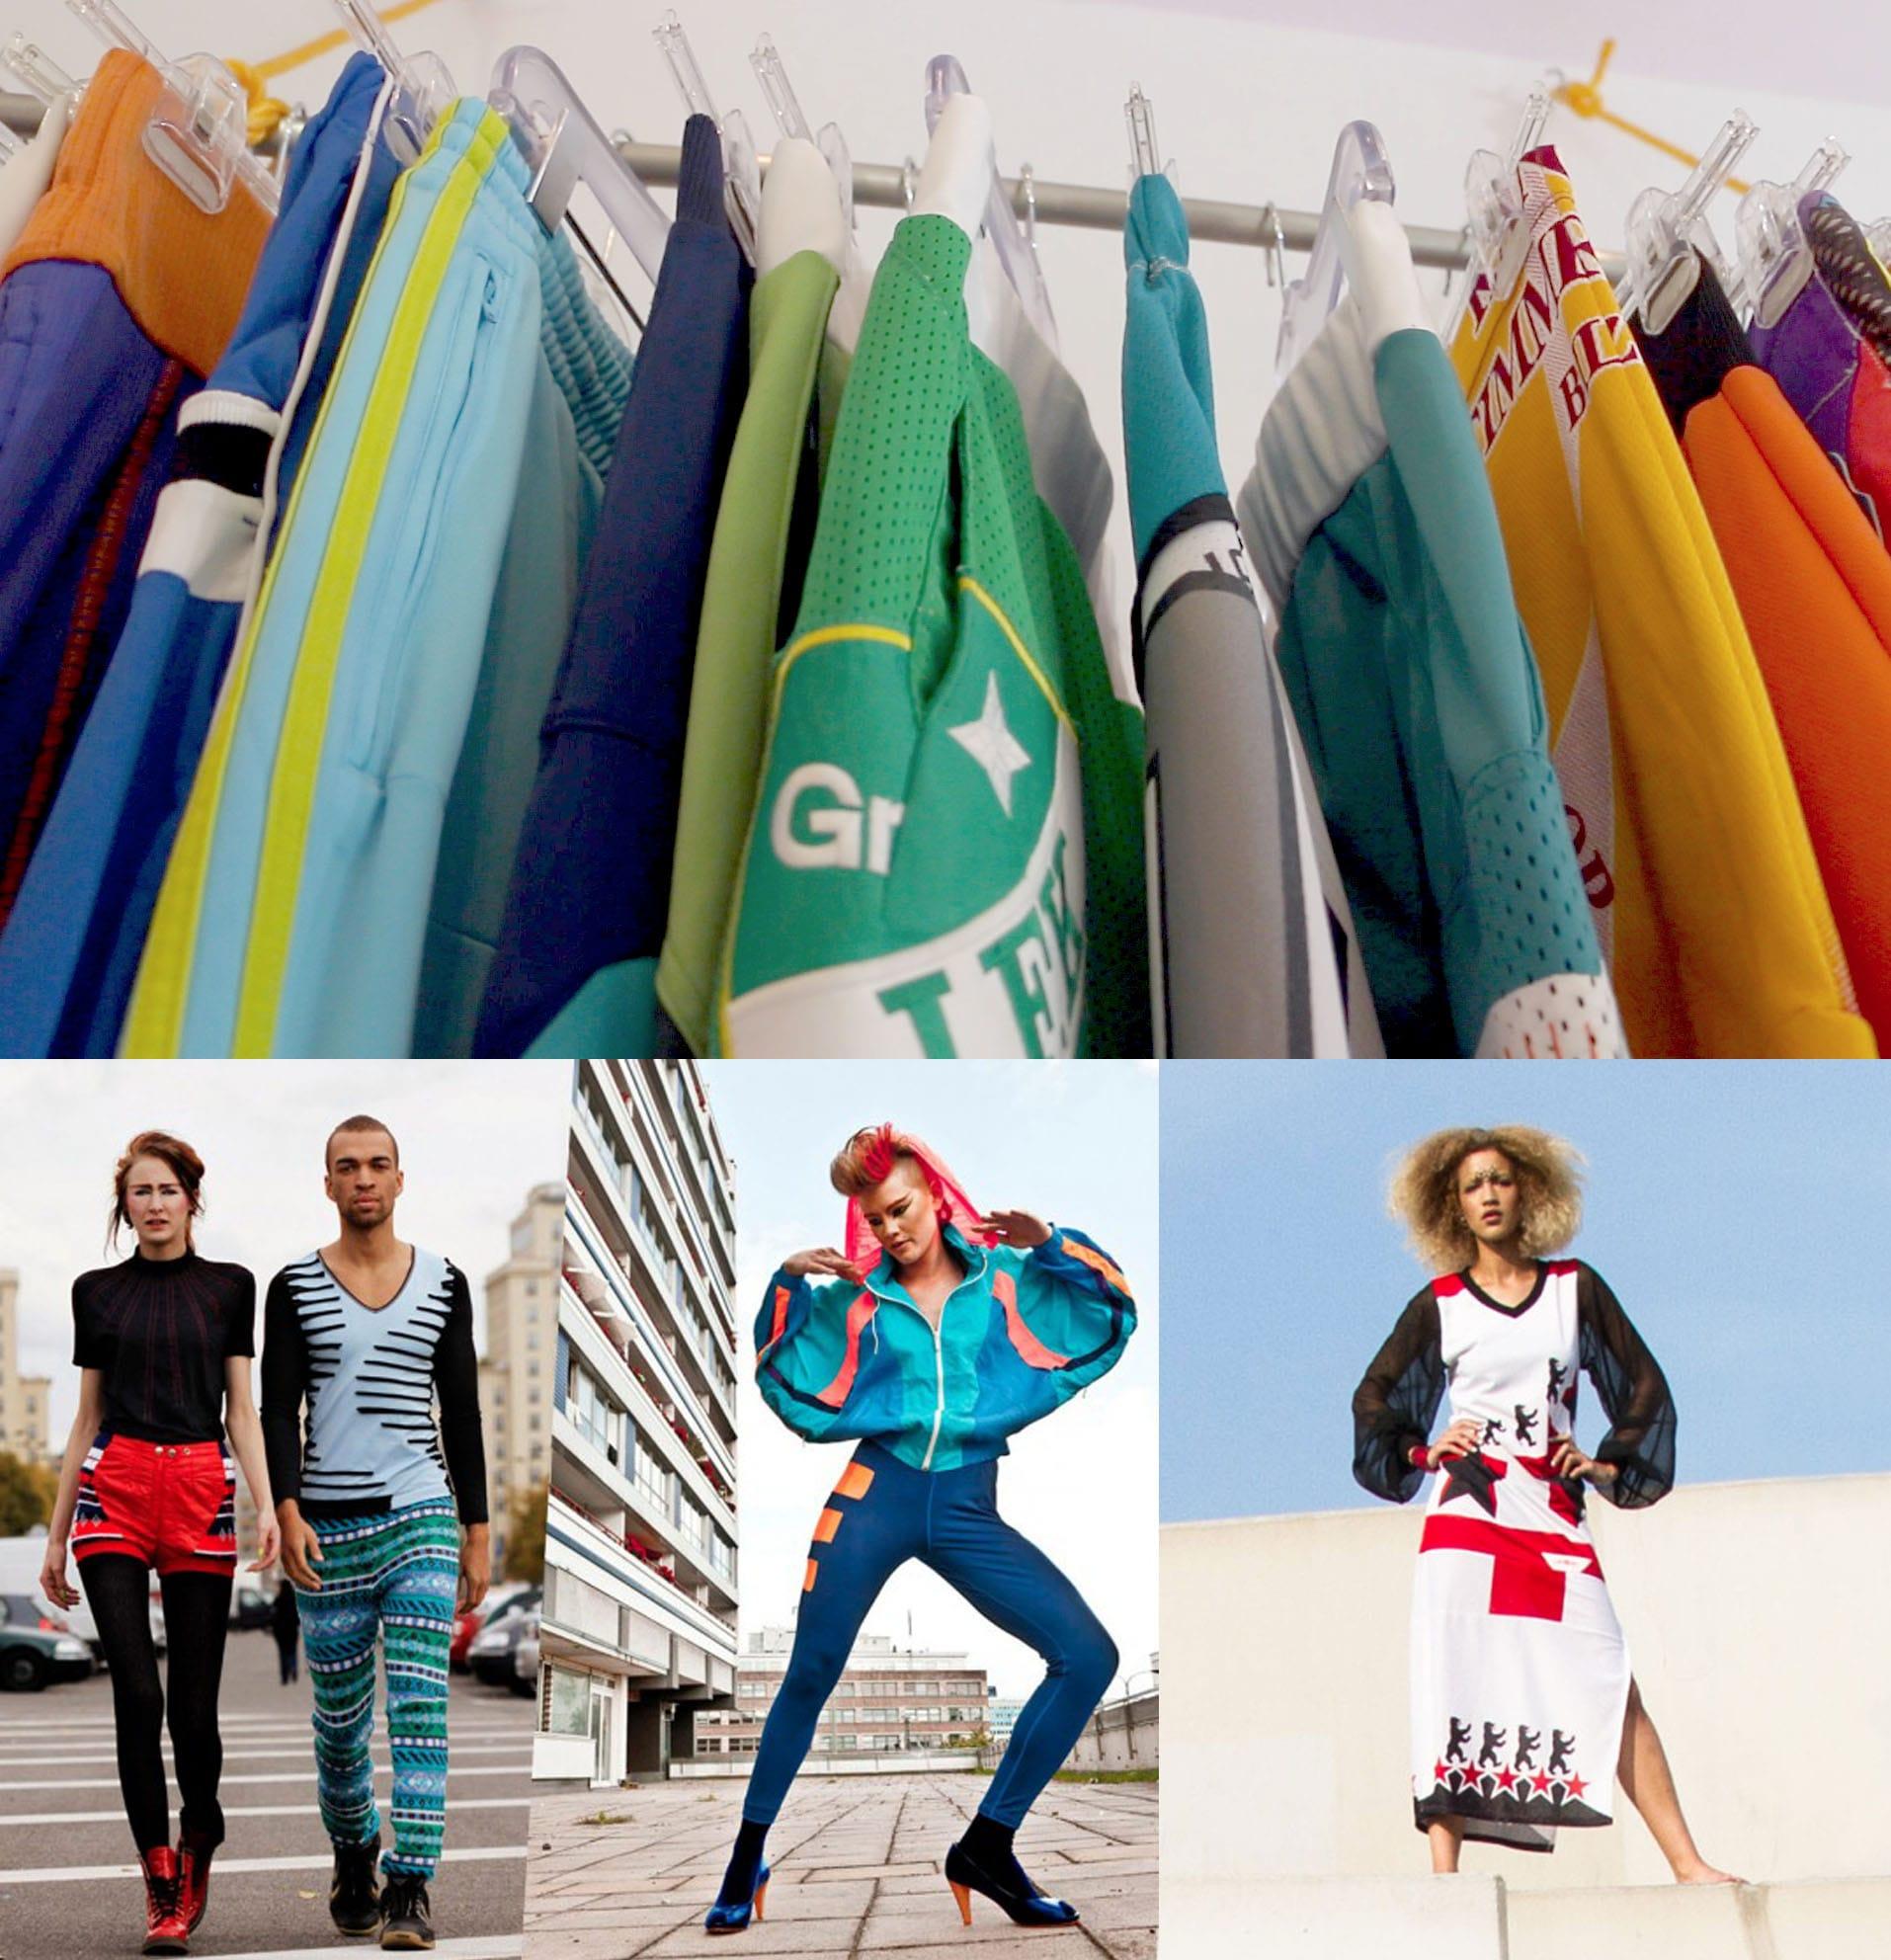 O upcycling é uma alternativa sustentável para novas marcas de moda stylo urbano